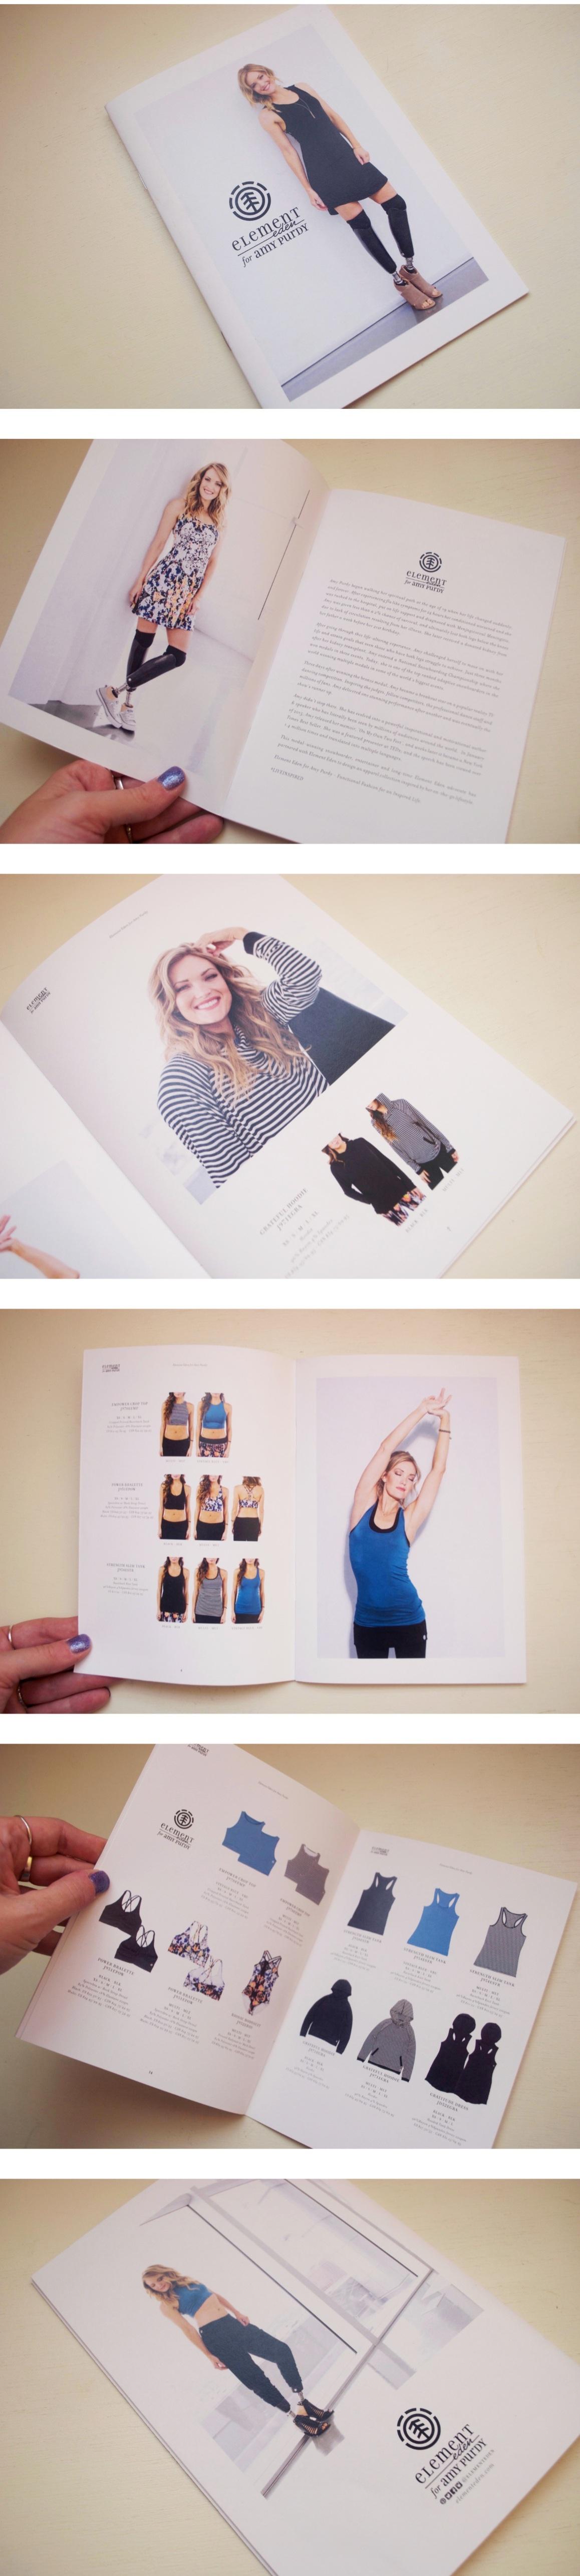 Catalog Design Exhibition Design